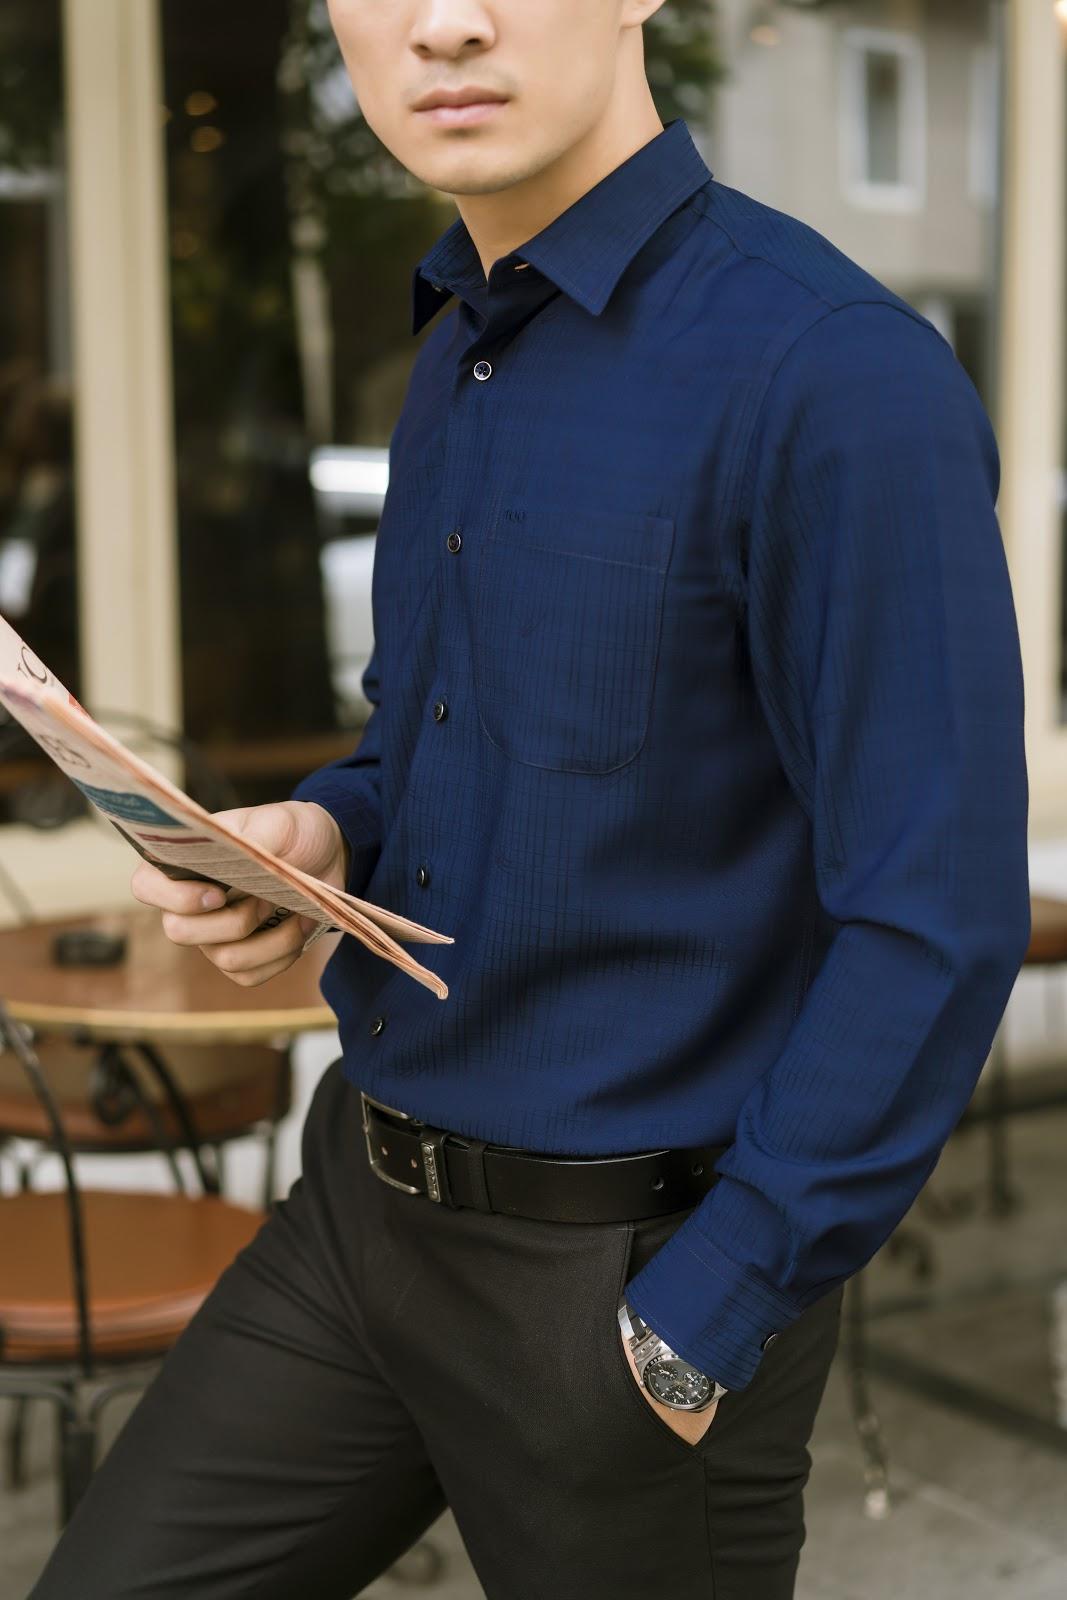 Khi mặc áo sơ mi màu xanh Navy, quý ông chỉ nên kết hợp với những phụ kiện đơn giản để tránh gây rối mắt